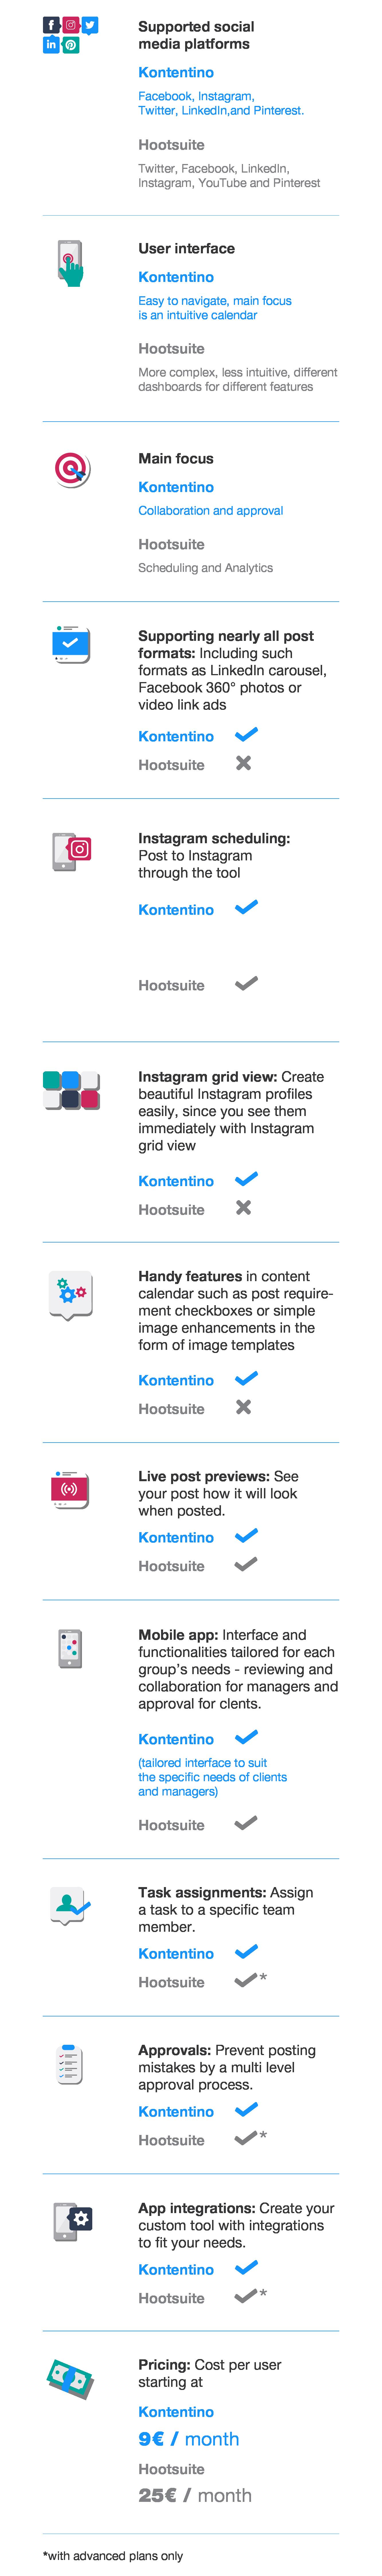 Hootsuite vs. Kontentino features comparison